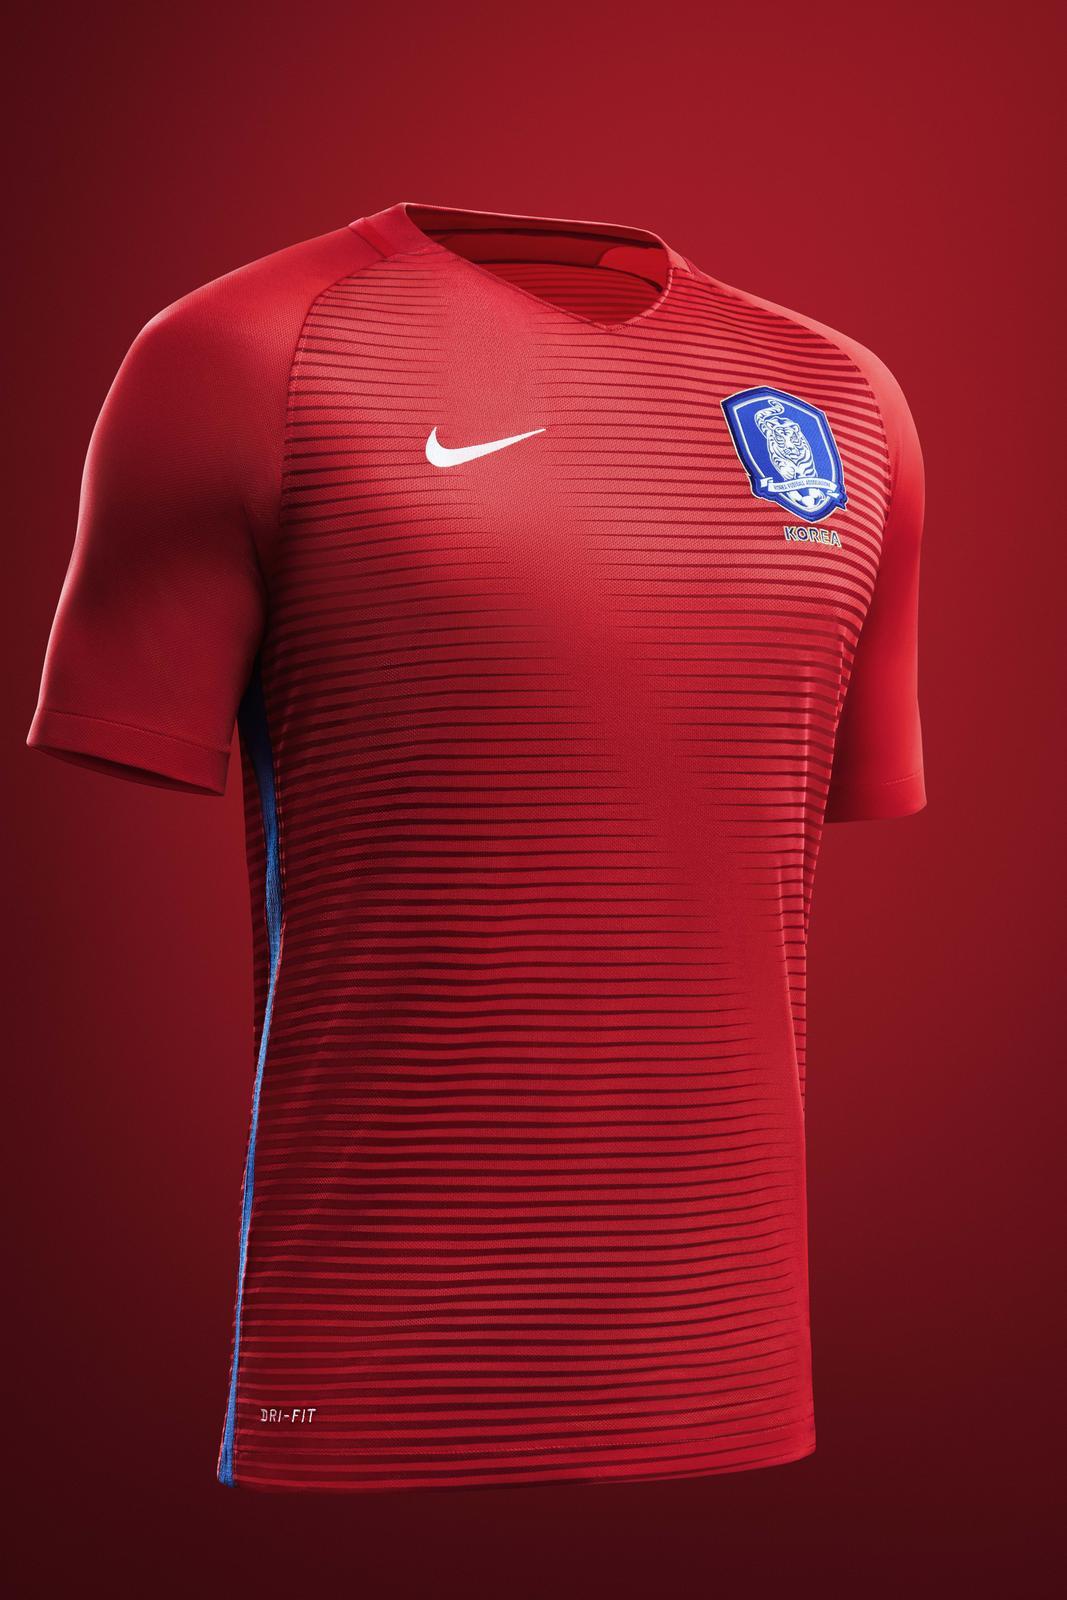 South Korea 2016 National Football Kits Nike News